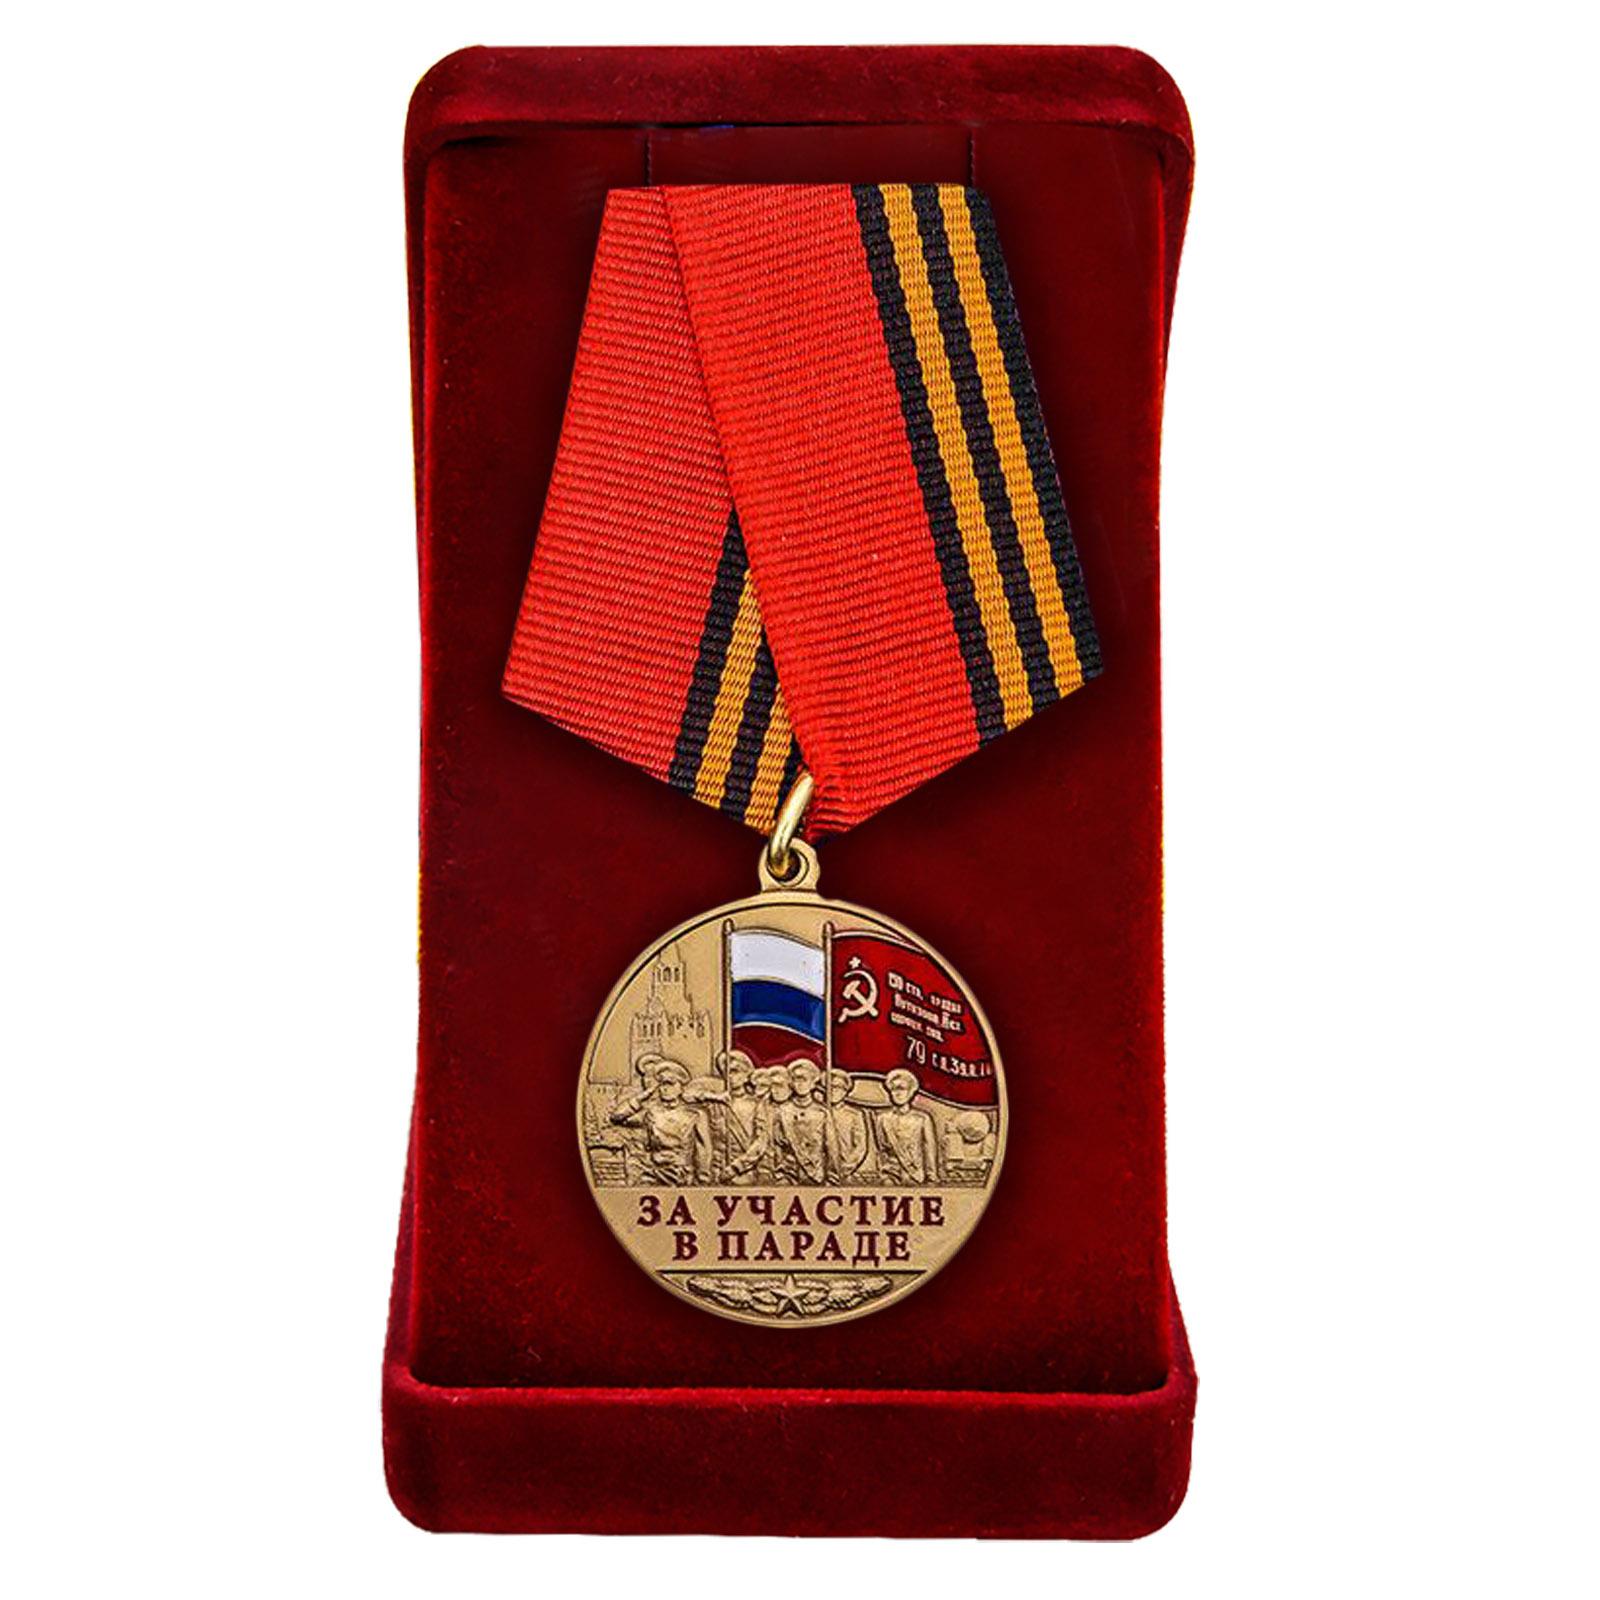 Купить латунную медаль За участие в параде. 75 лет Победы с доставкой